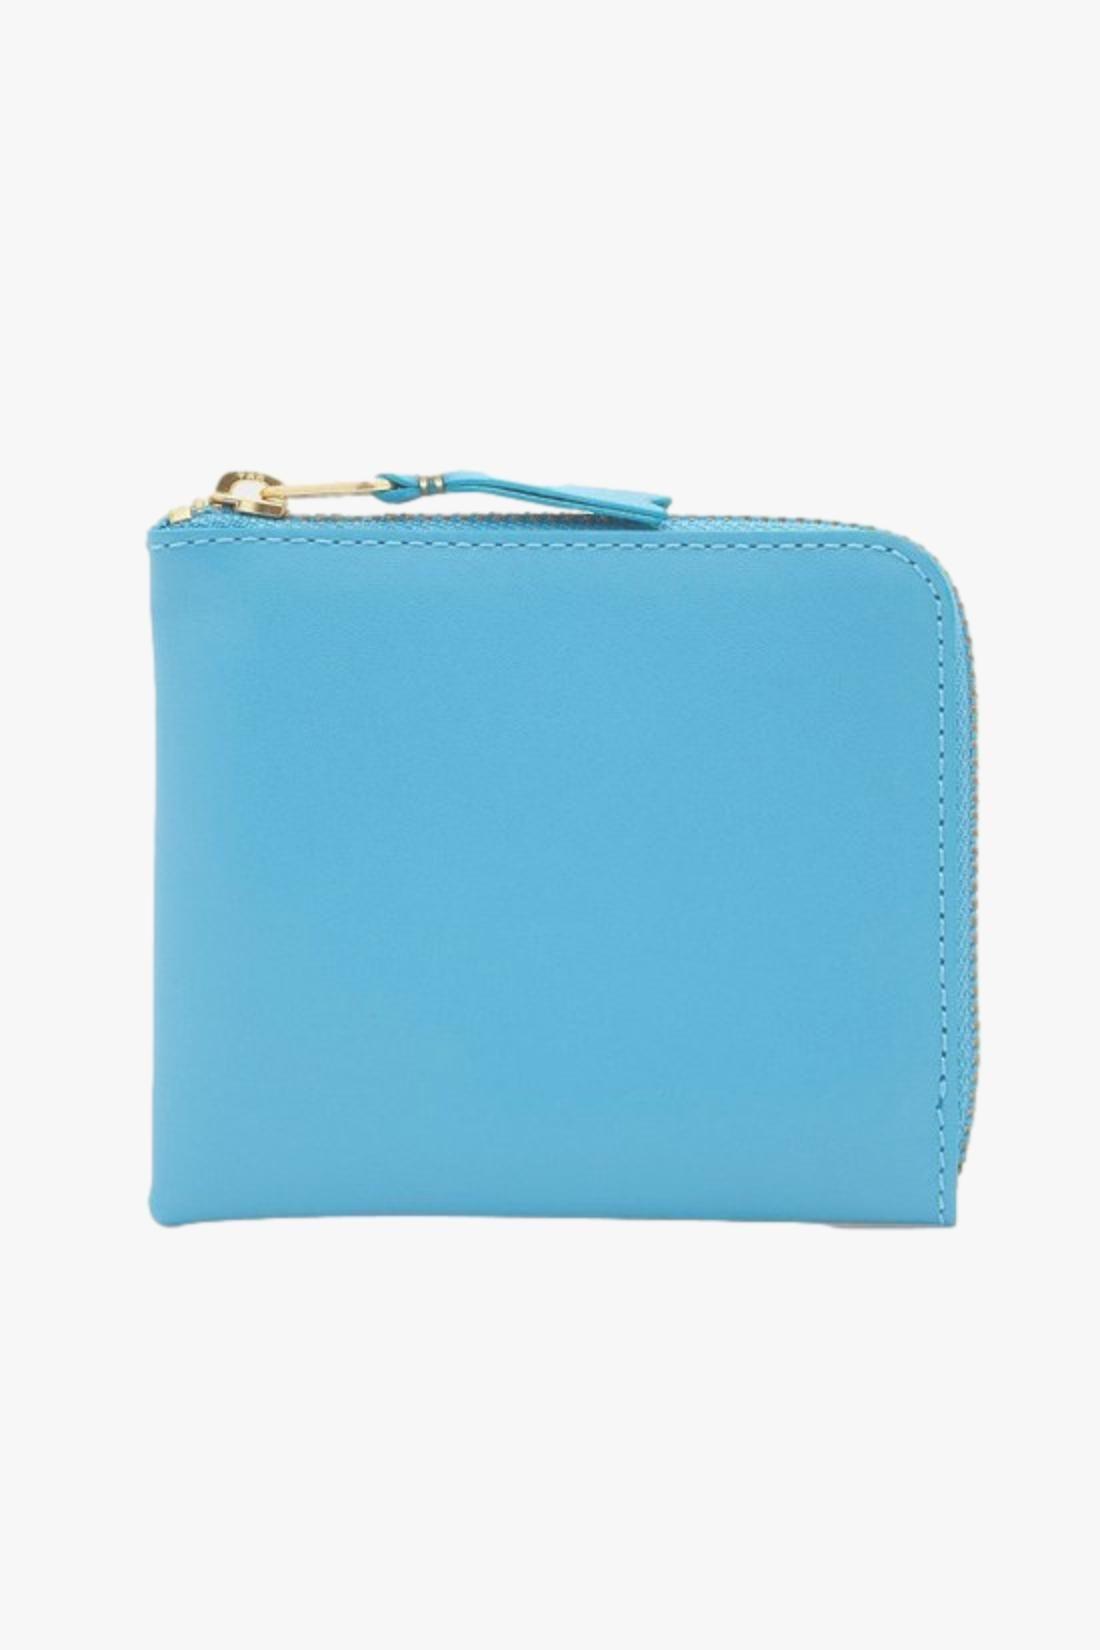 COMME DES GARÇONS WALLETS / Cdg classic leather wallet Sa3100 blue